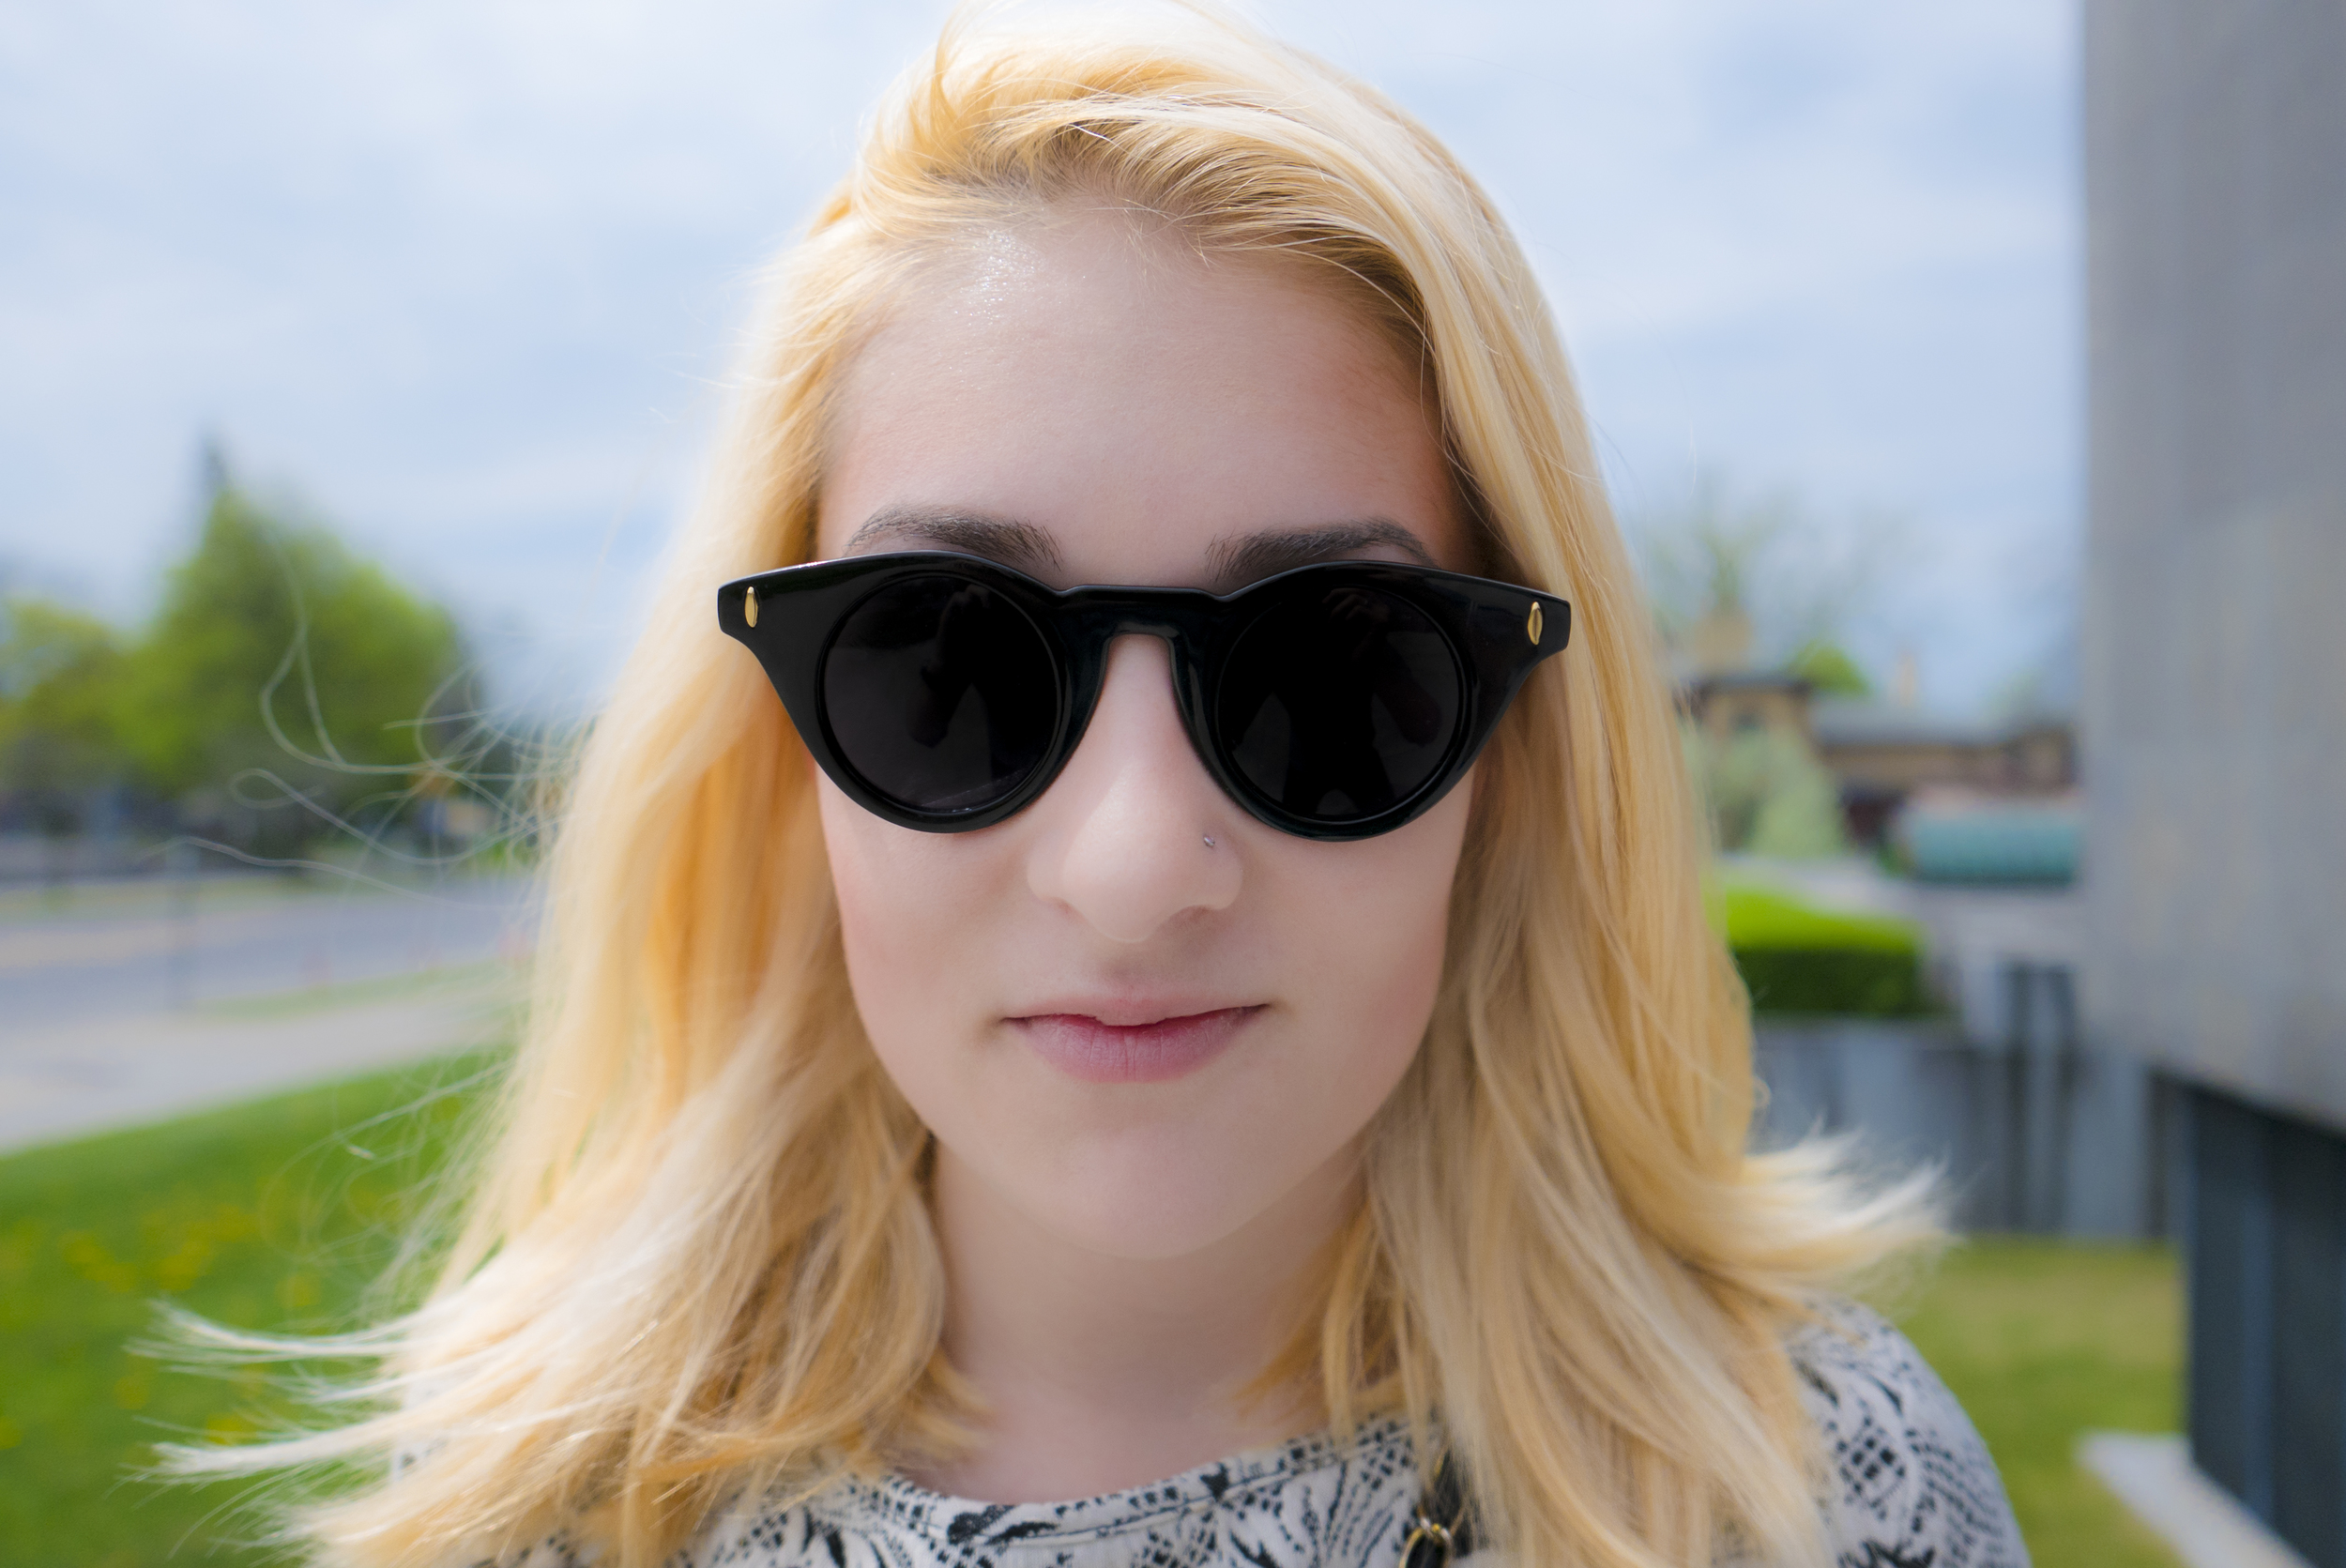 Francesca Color Glasses.JPG